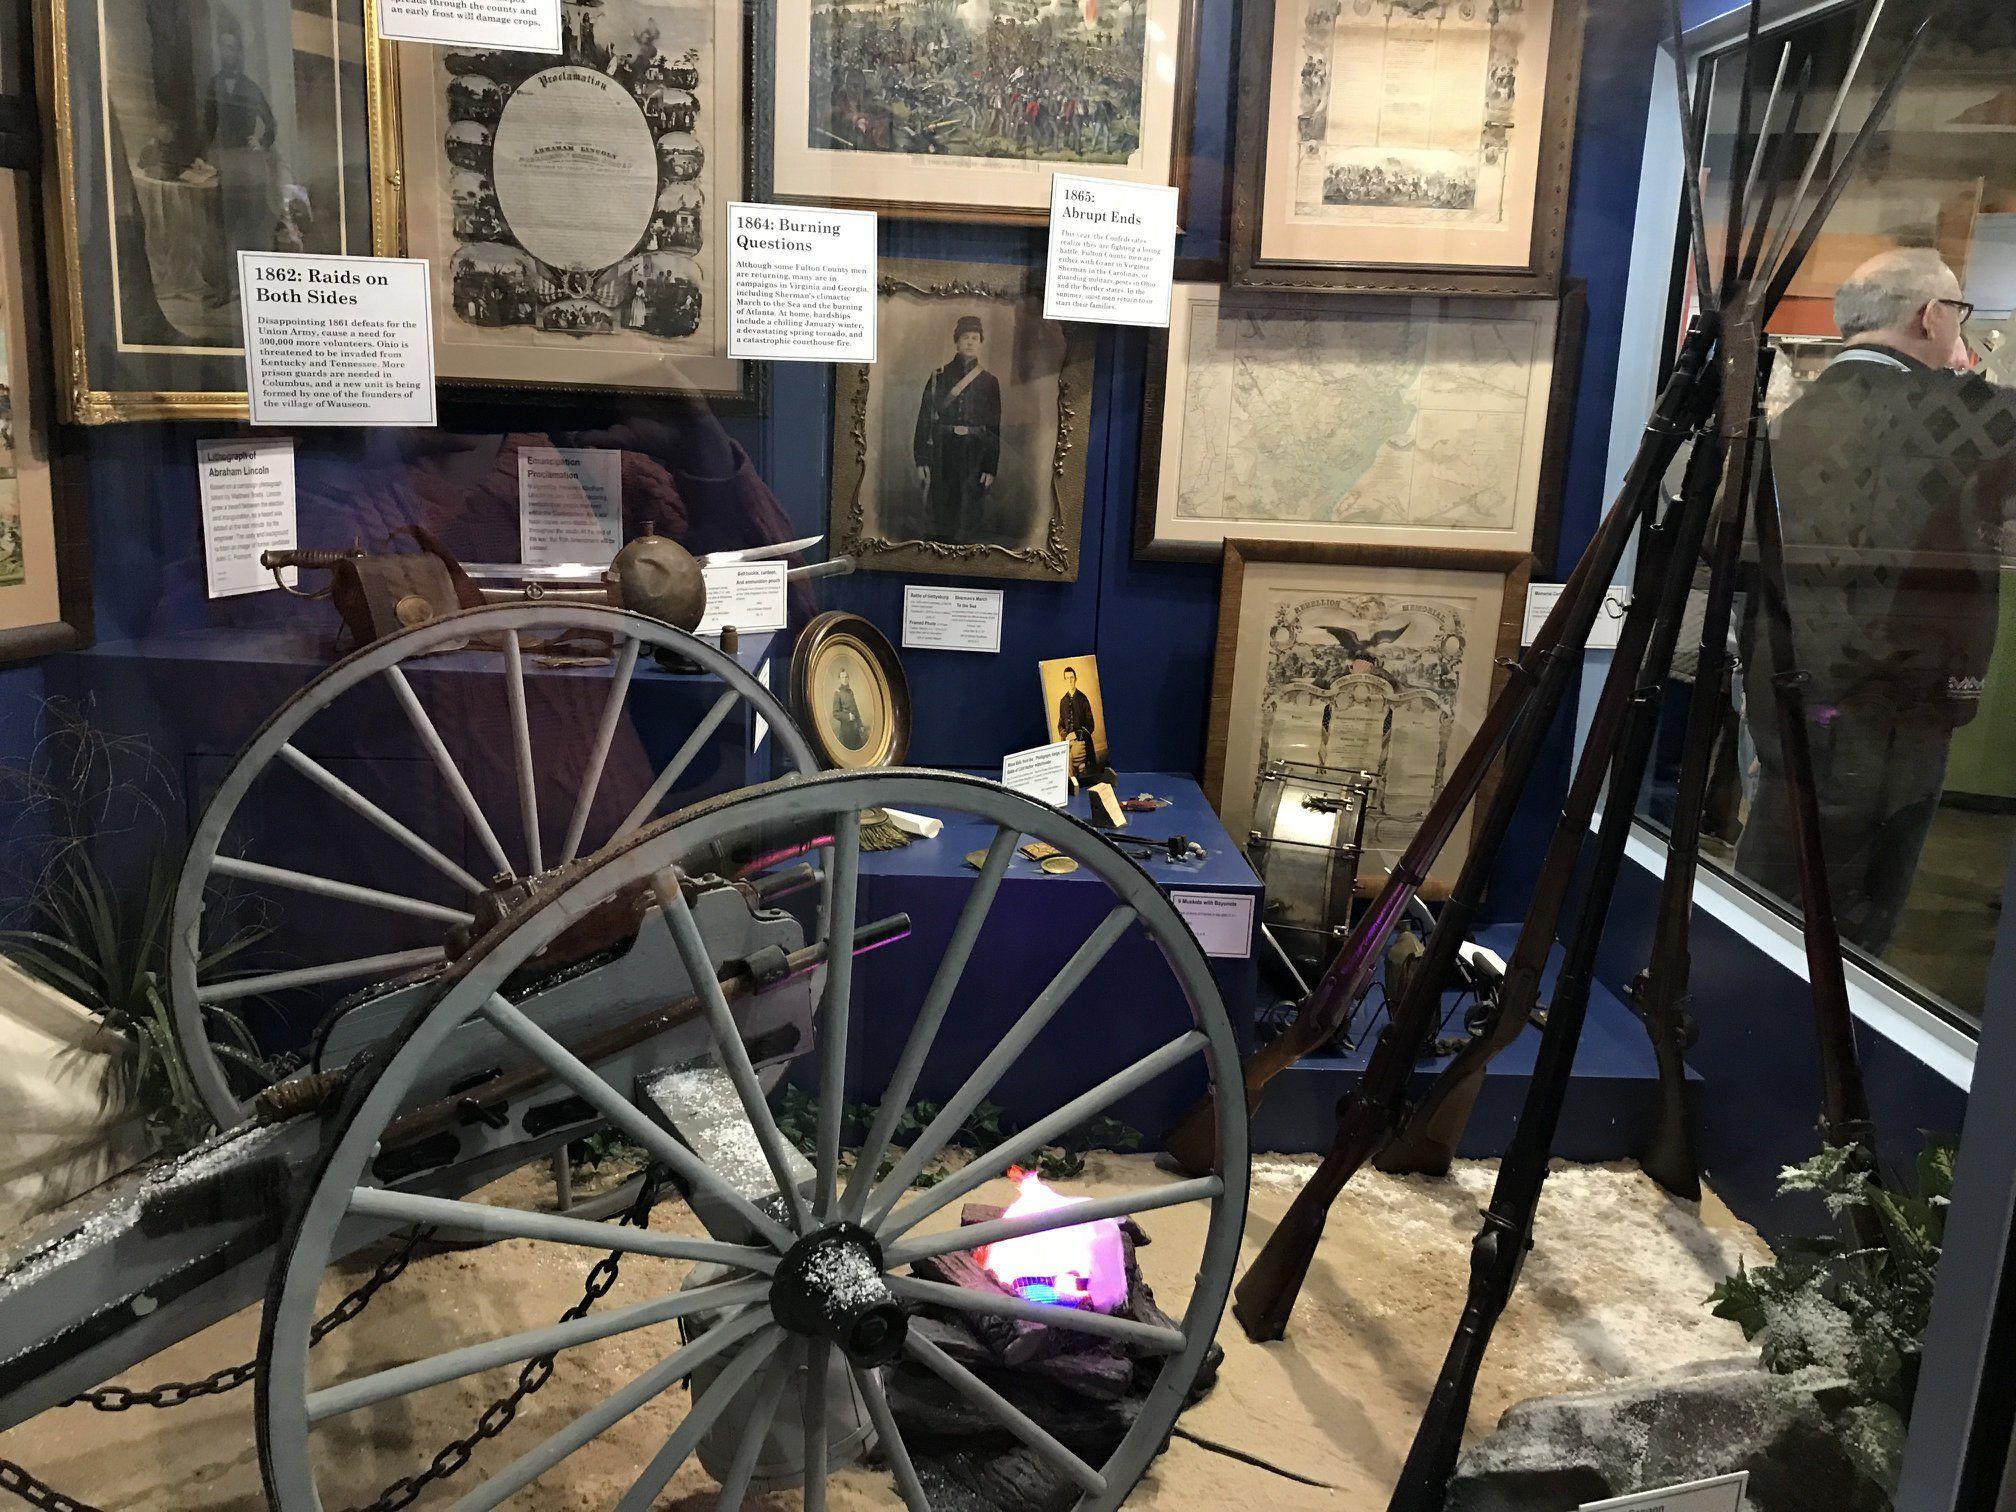 ...Civil War Display...